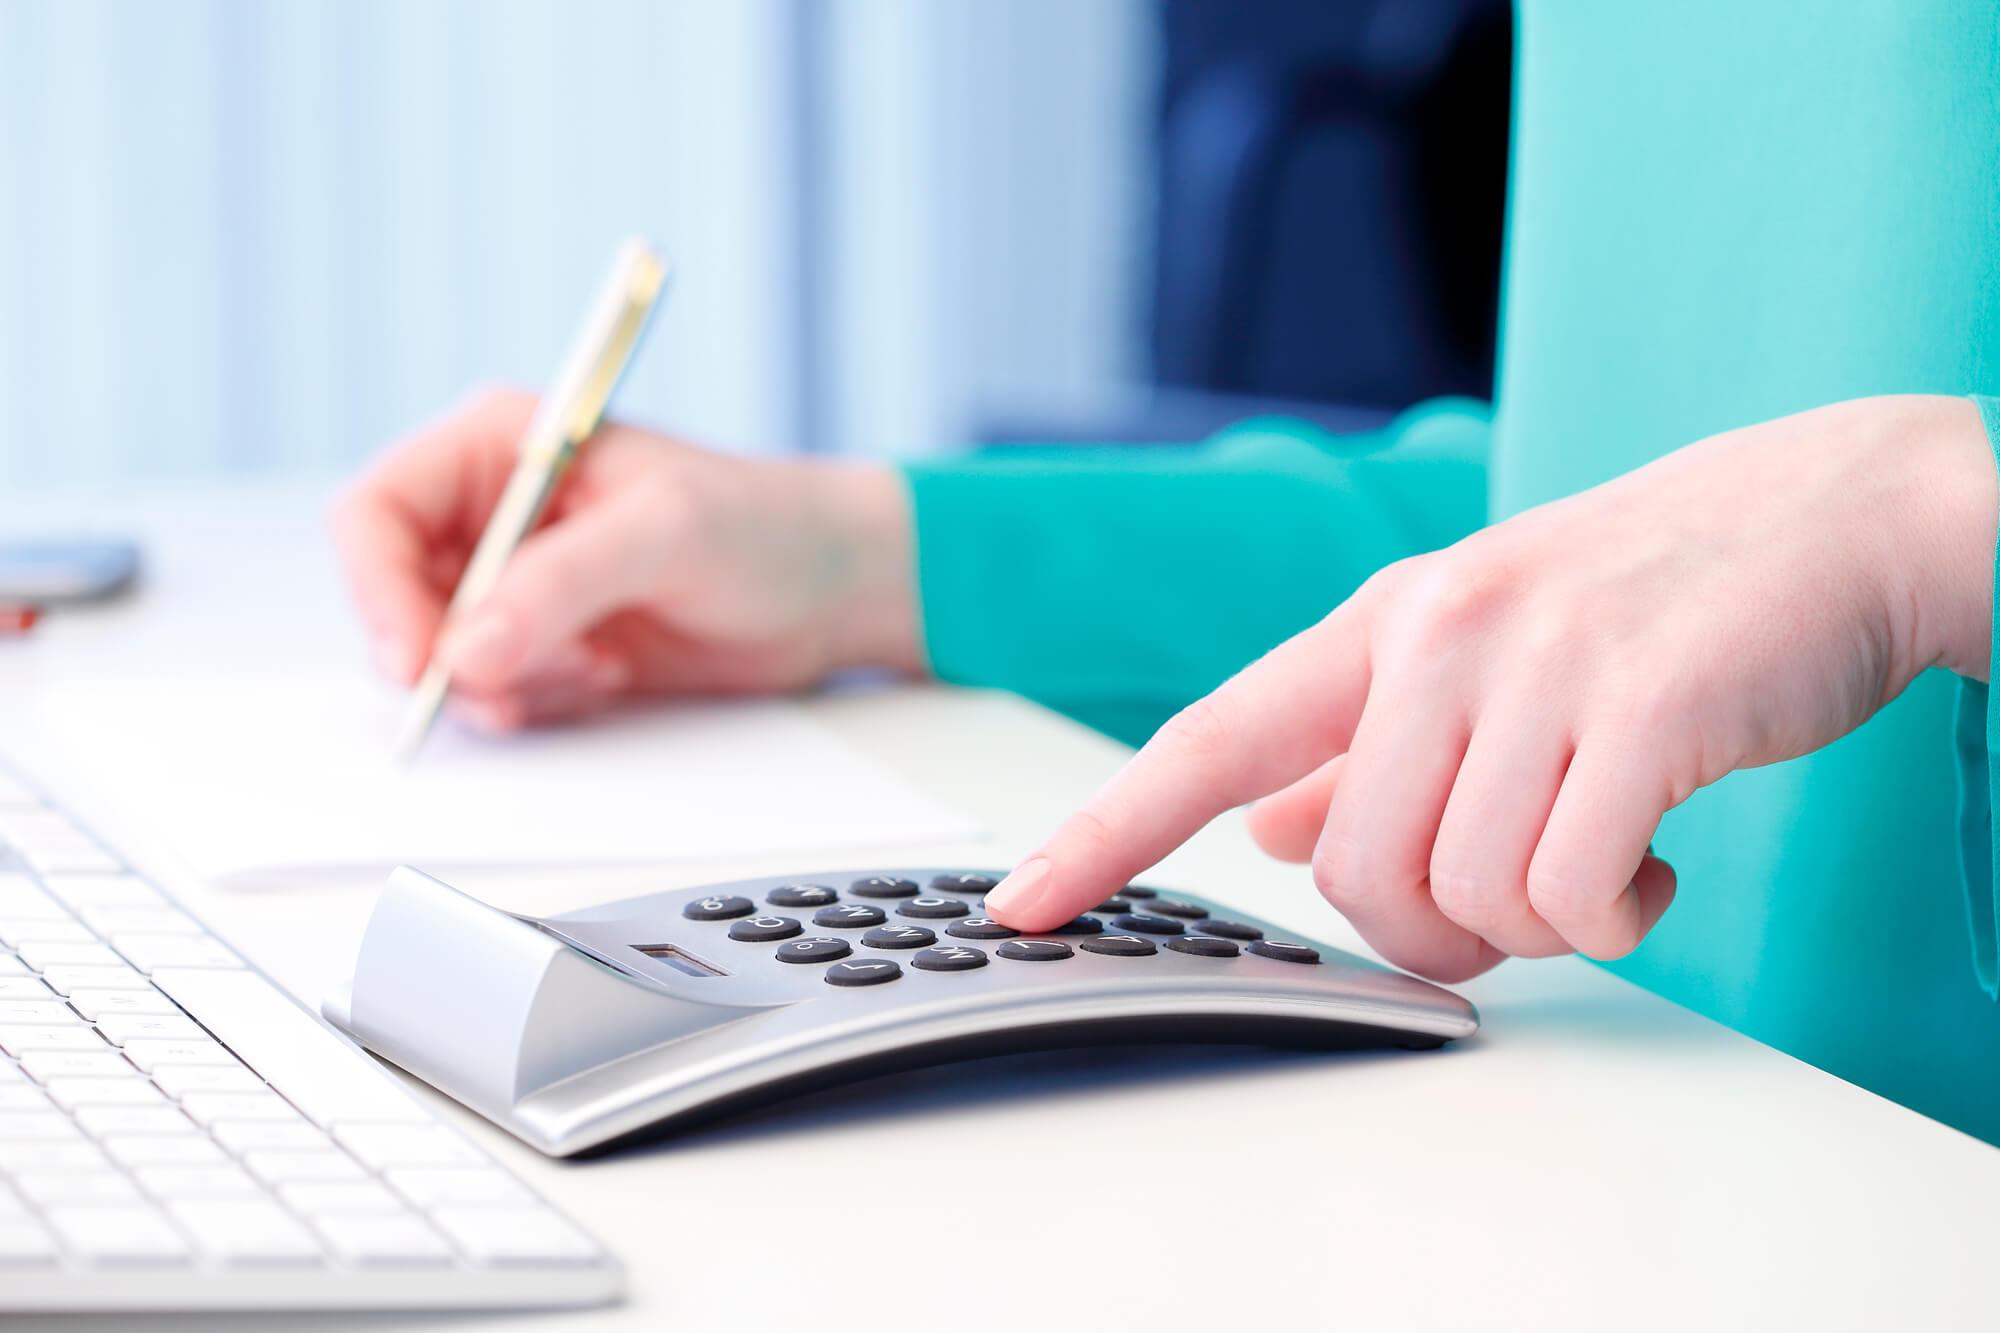 Como fazer um planejamento financeiro para abrir seu próprio negócio?